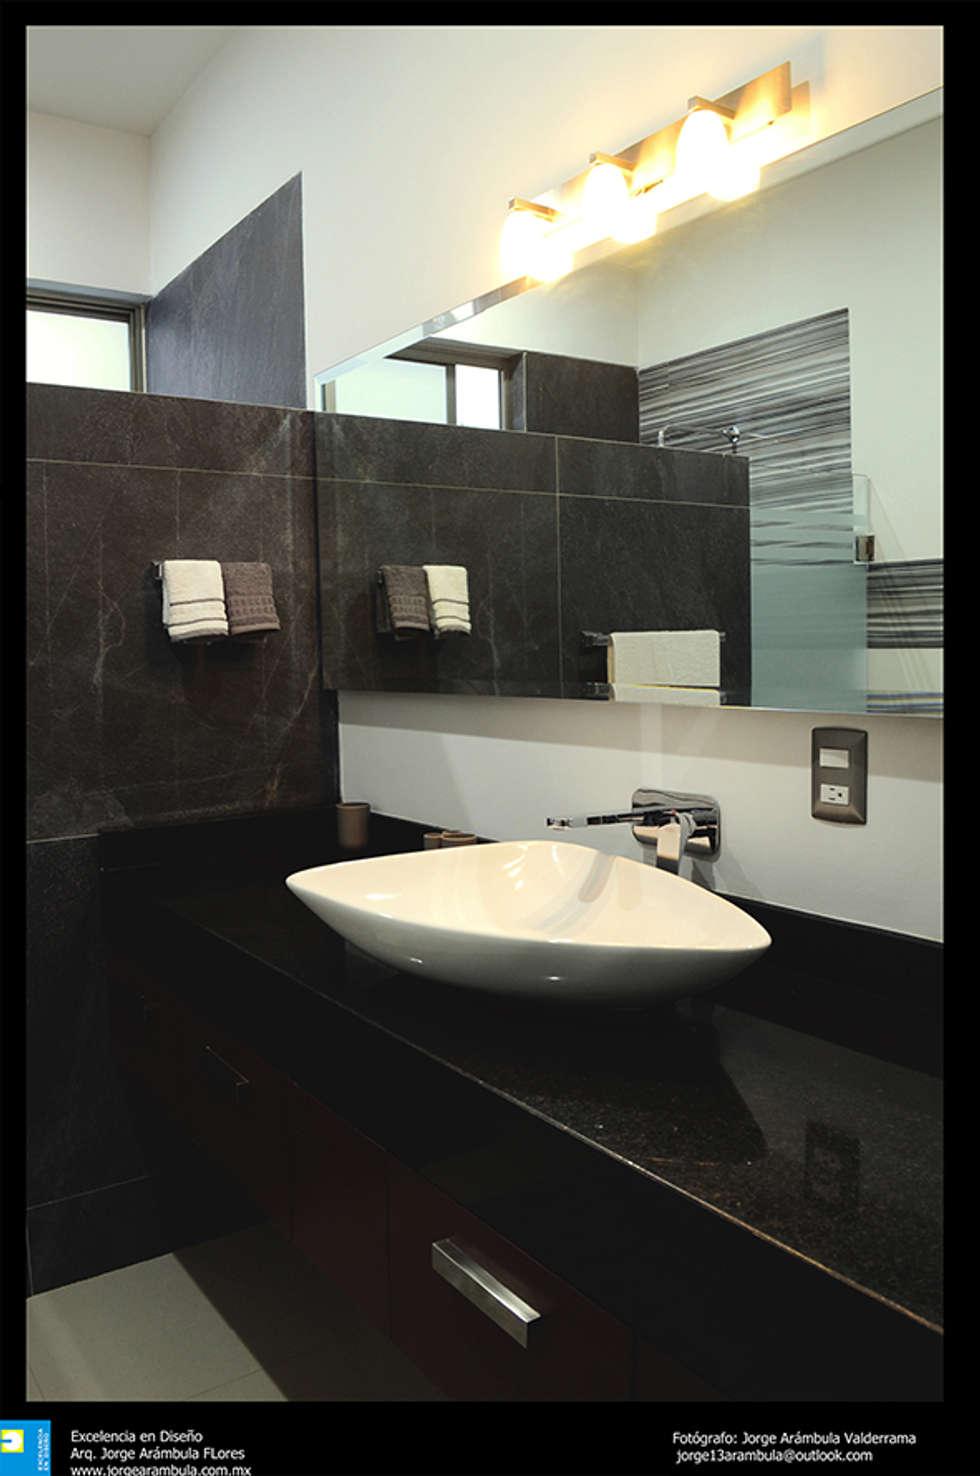 cocina: Baños de estilo  por Excelencia en Diseño